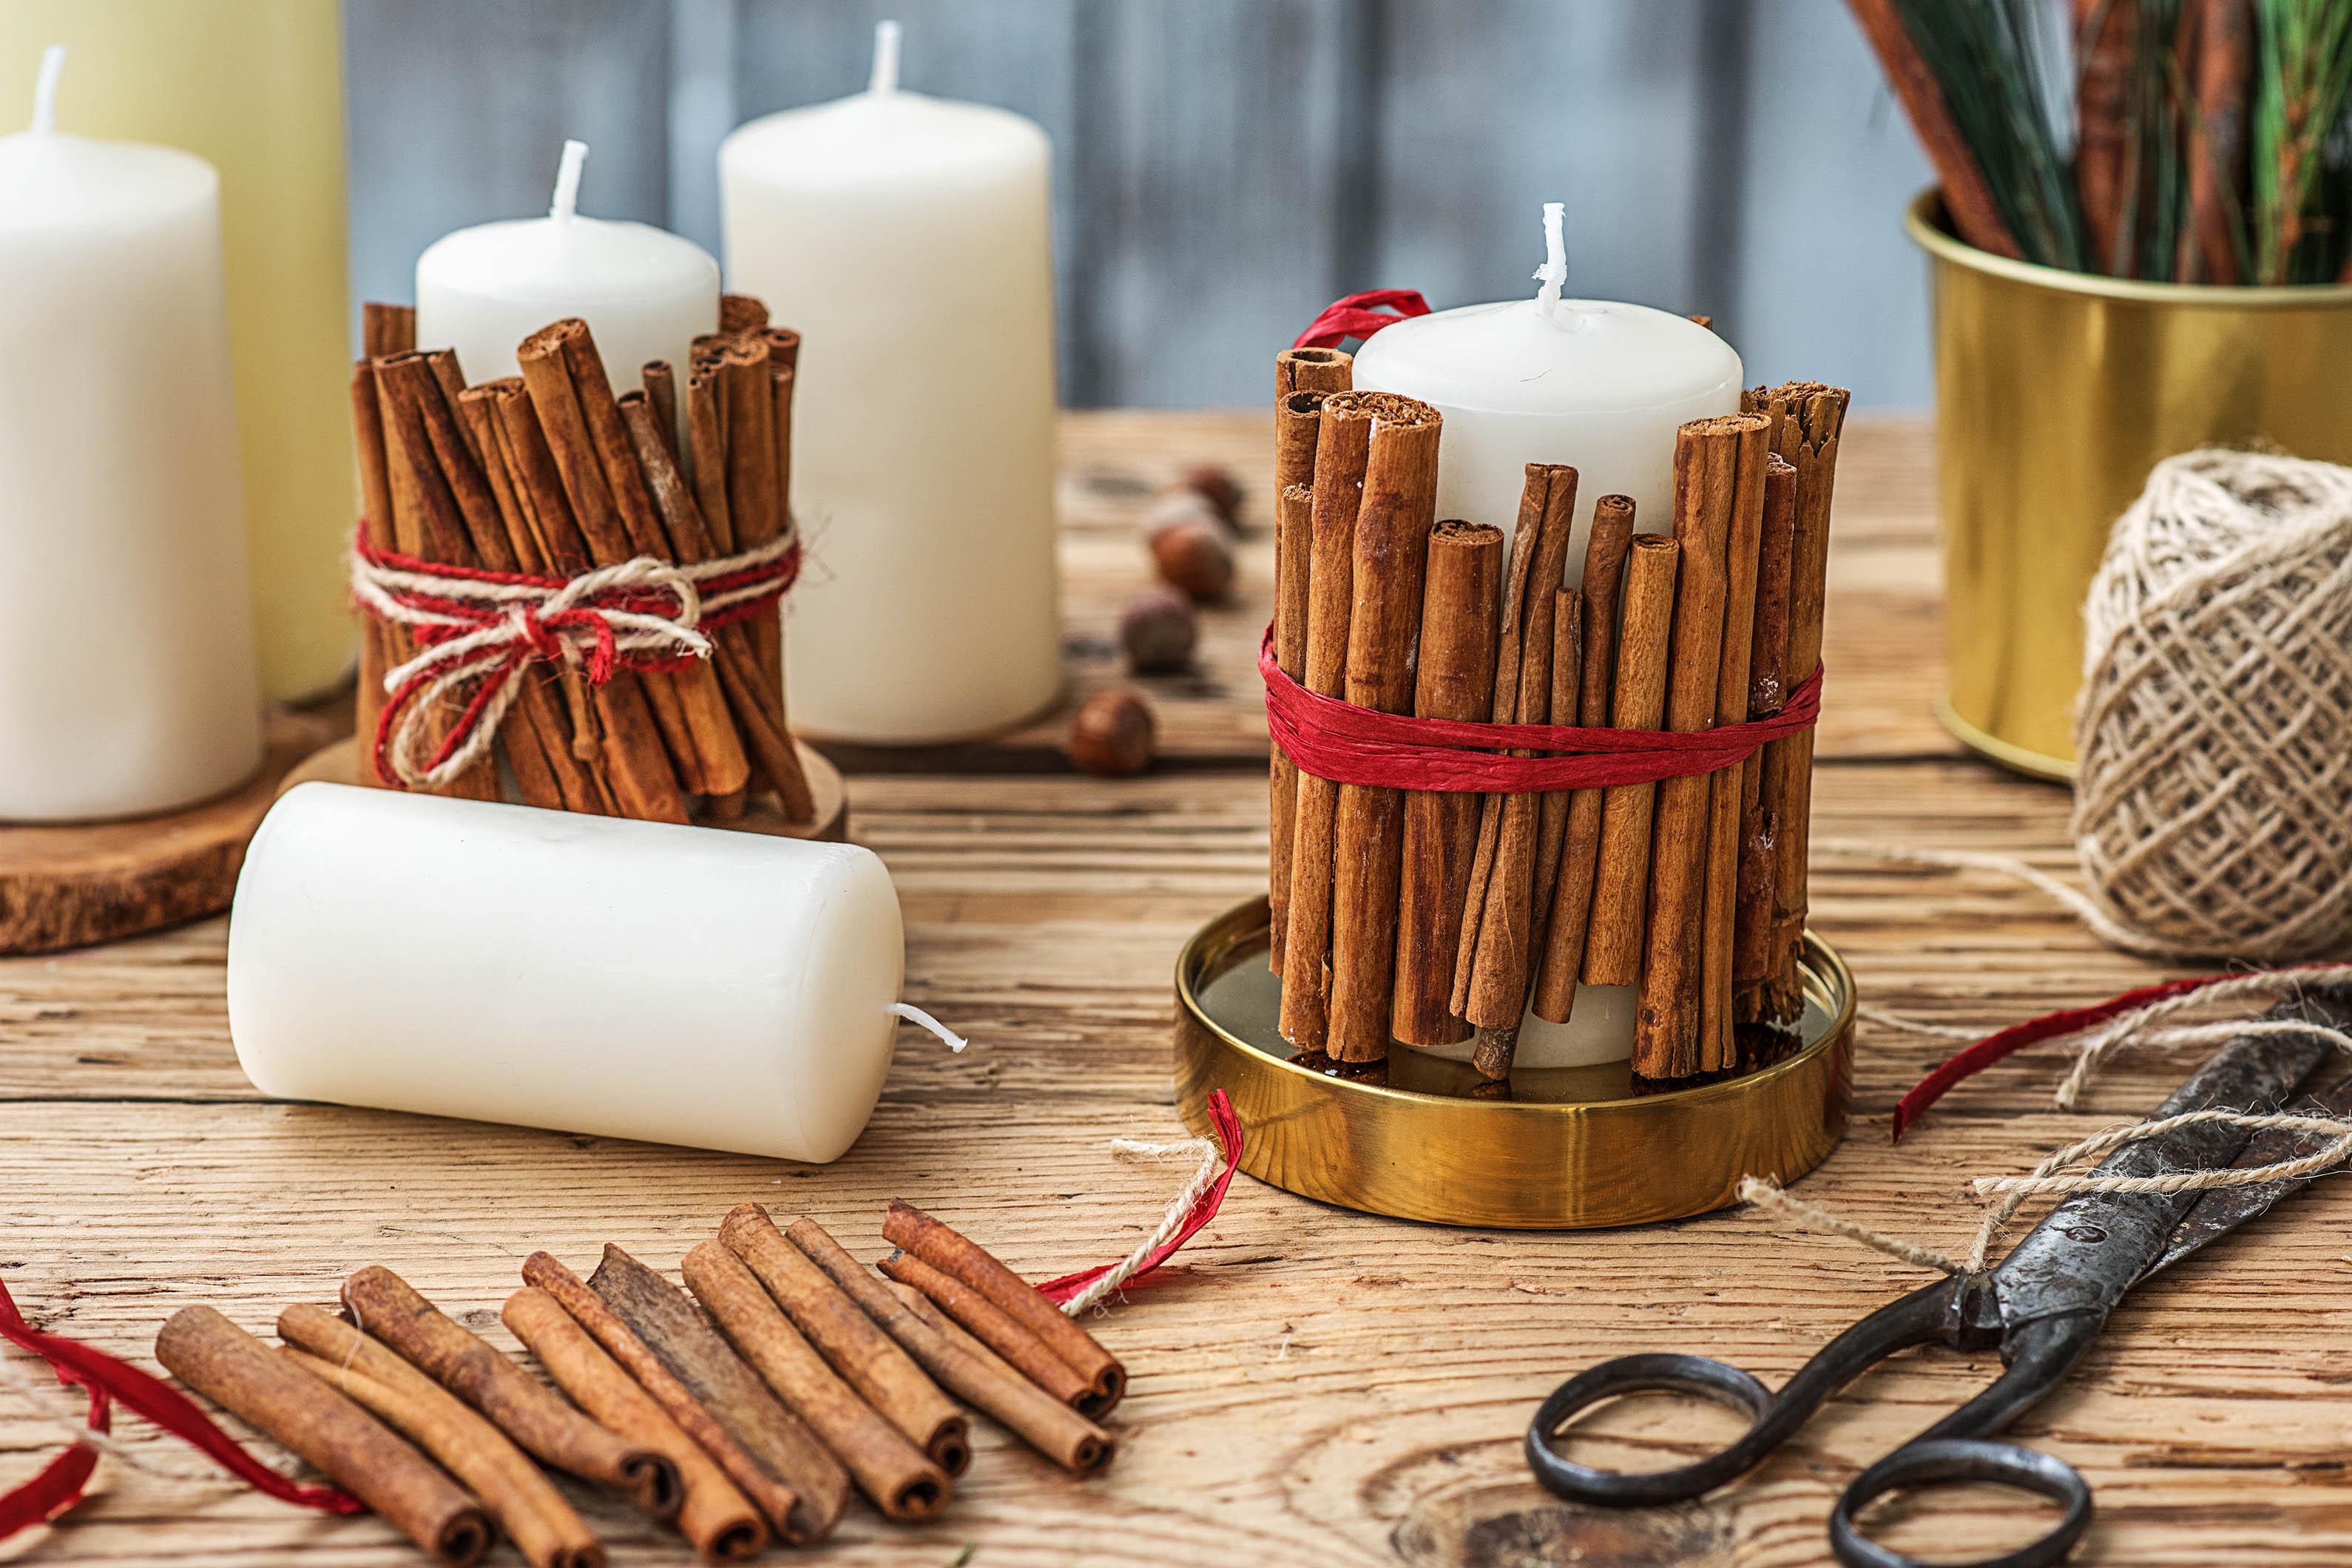 weihnachtsgeschenke selber machen: 6 einfache ideen | hellofresh